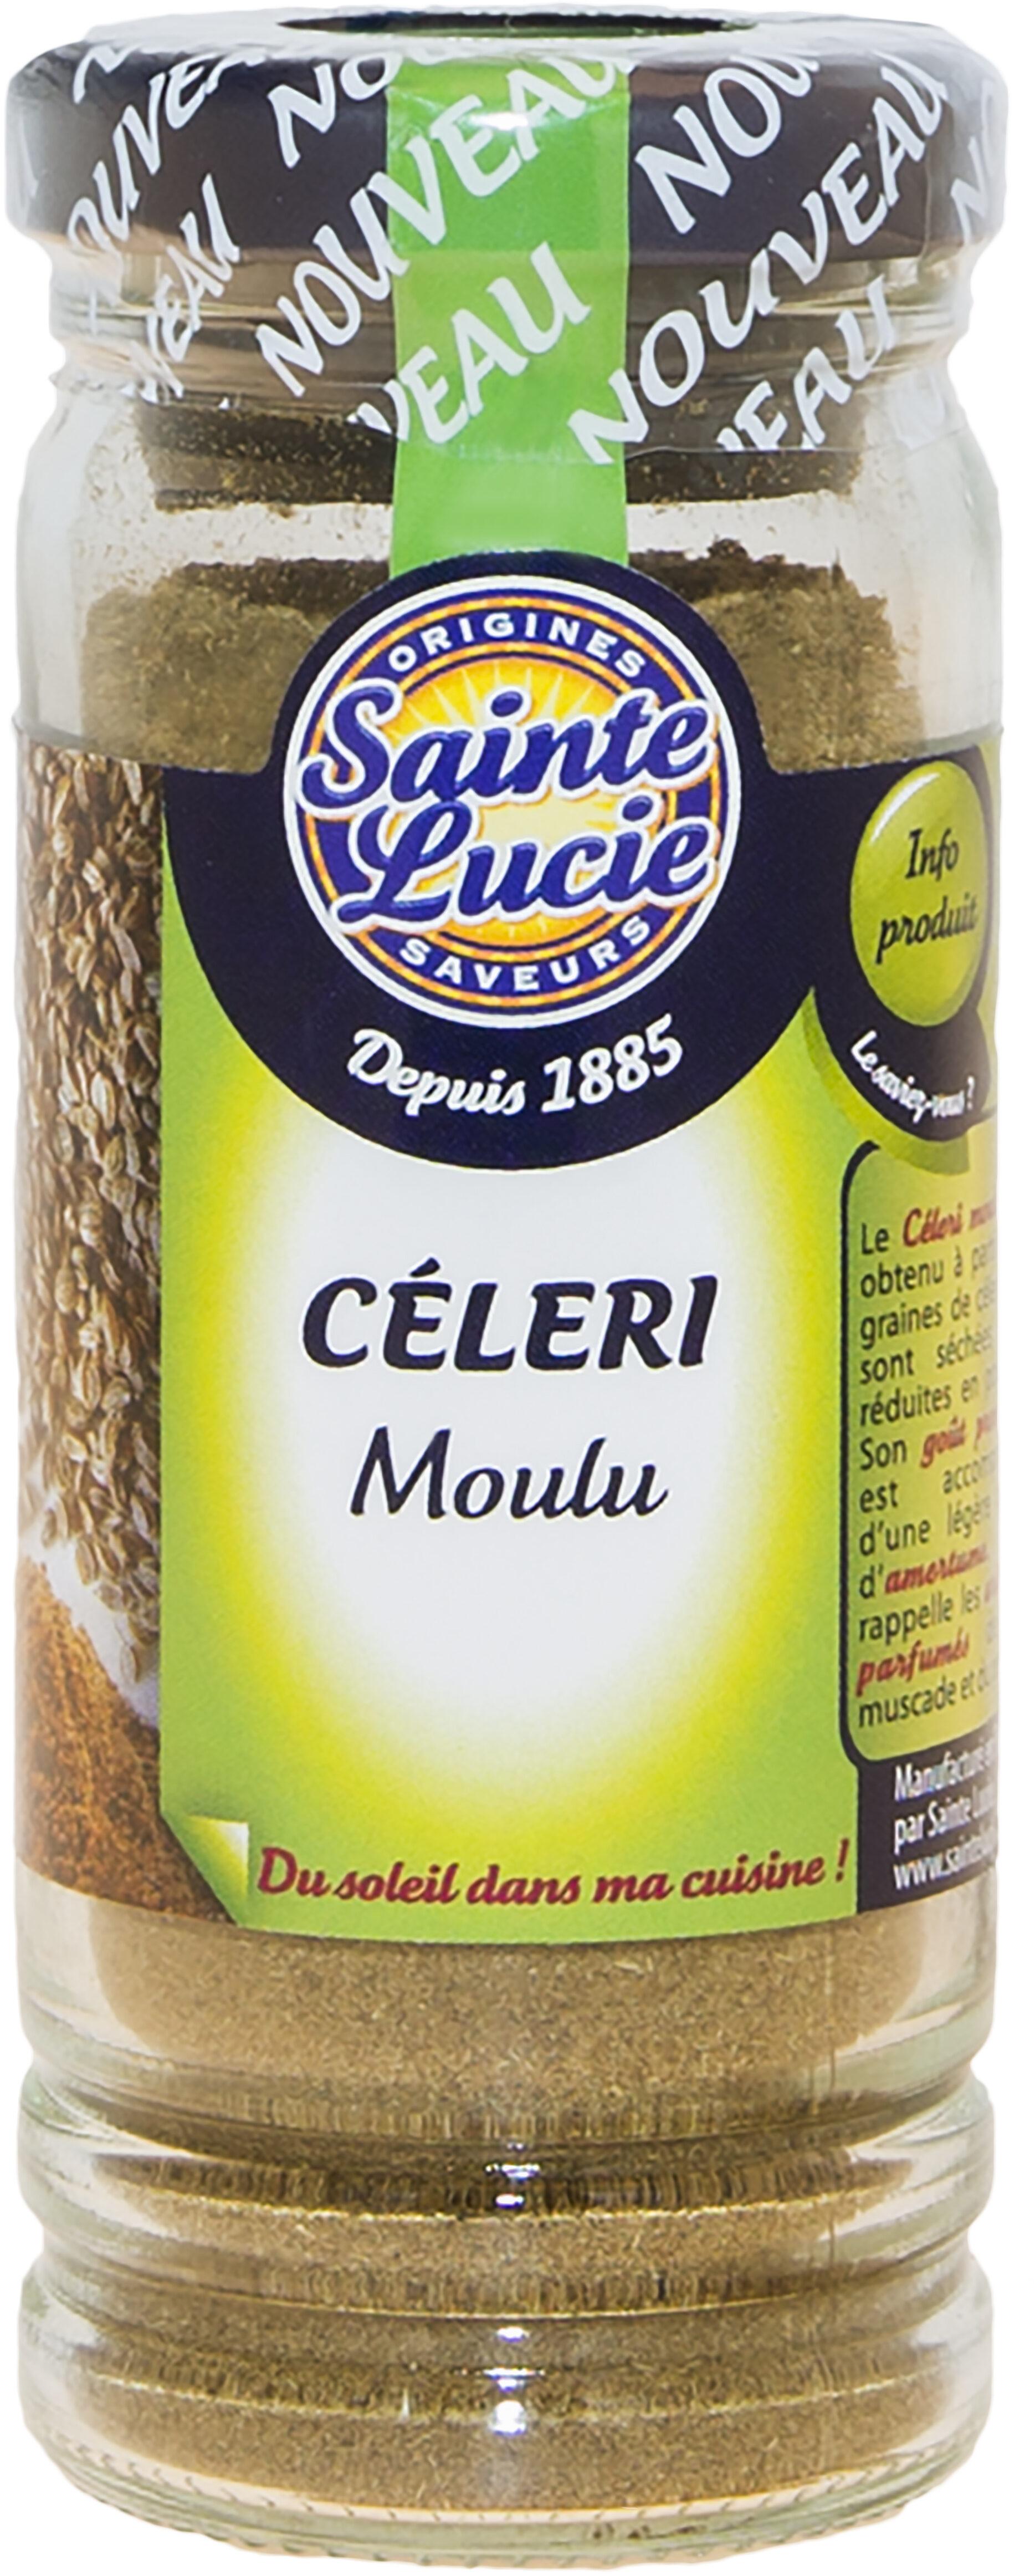 Céleri moulu - Produit - fr